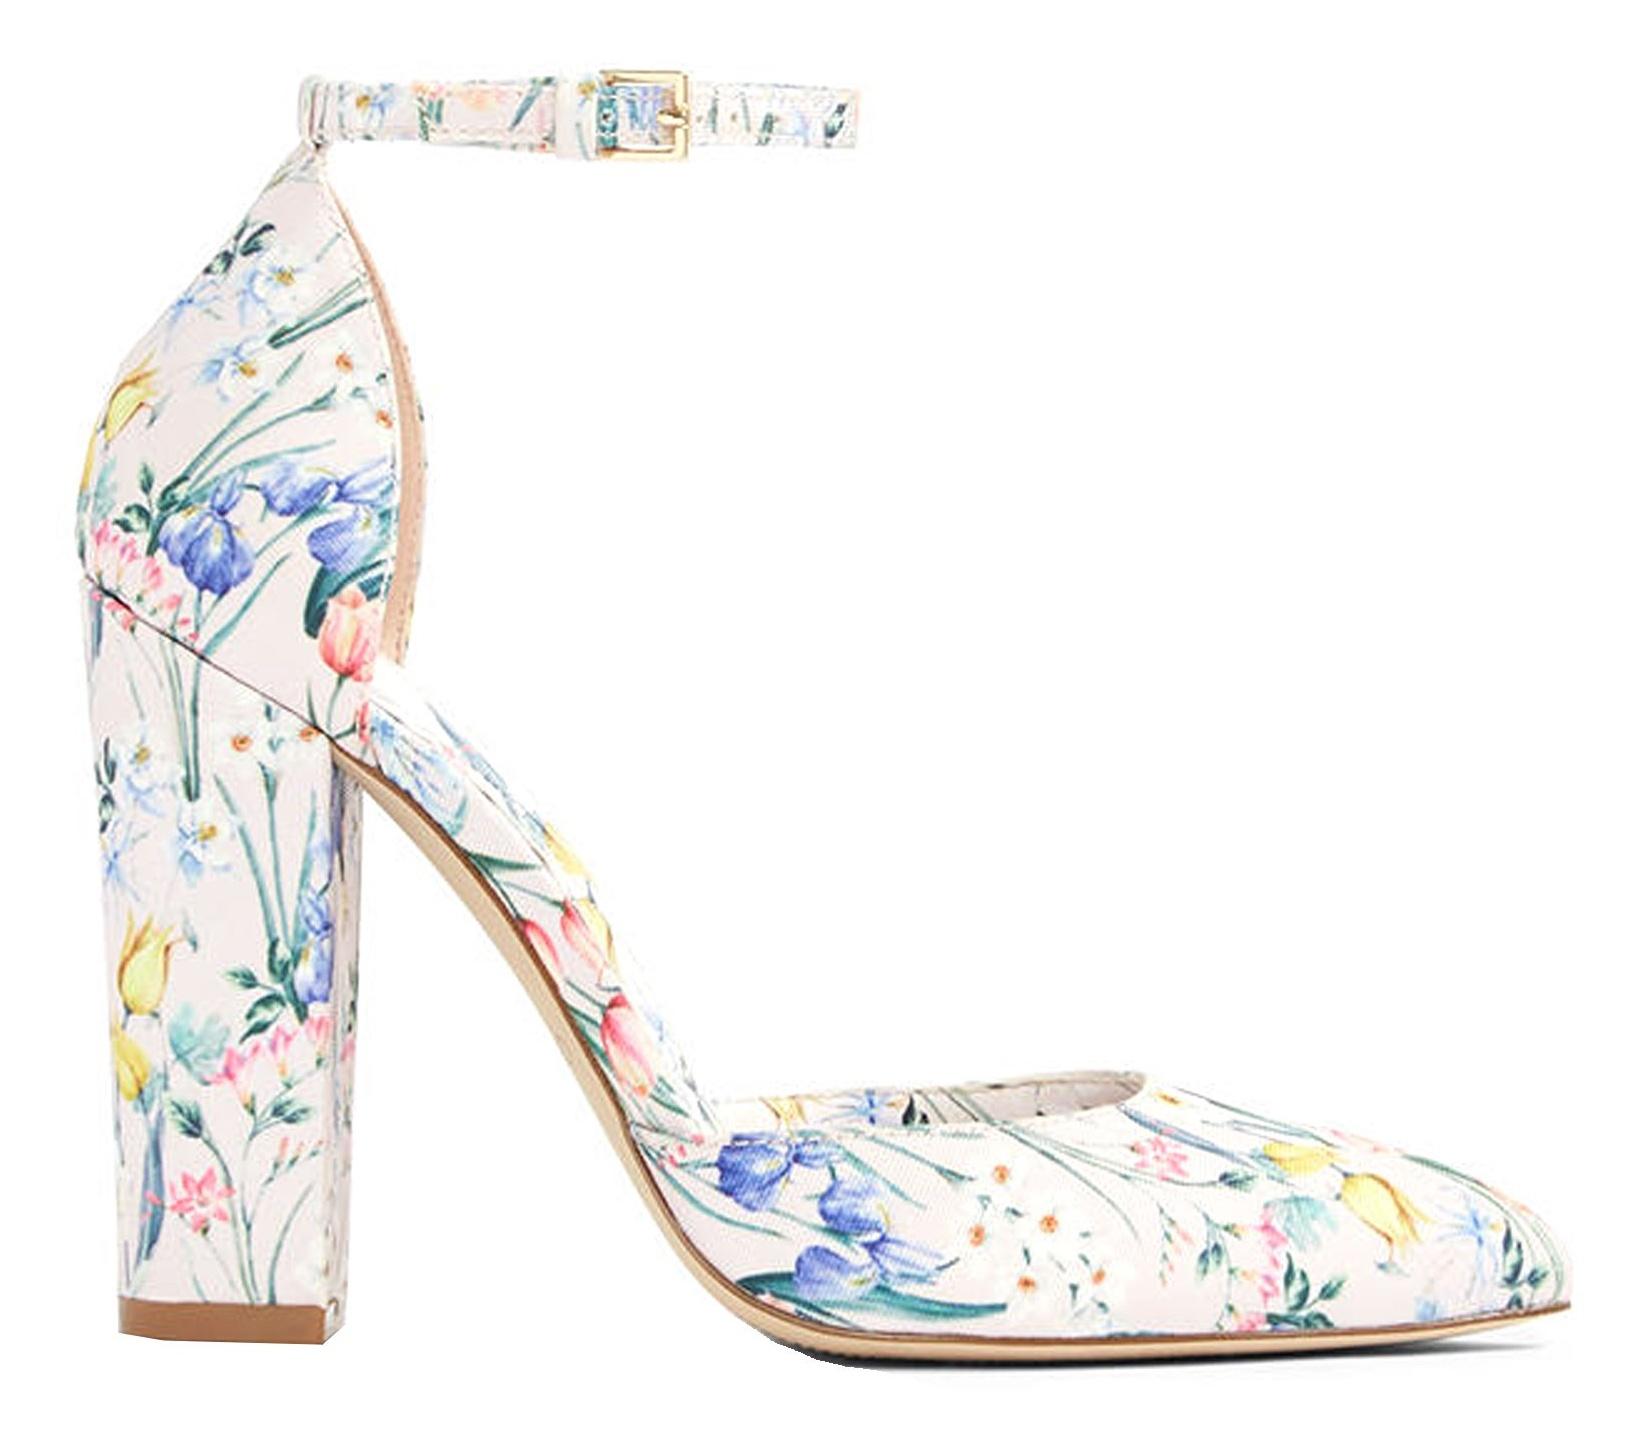 کفش پاشنه بلند زنانه - آلدو - صورتي روشن - 1